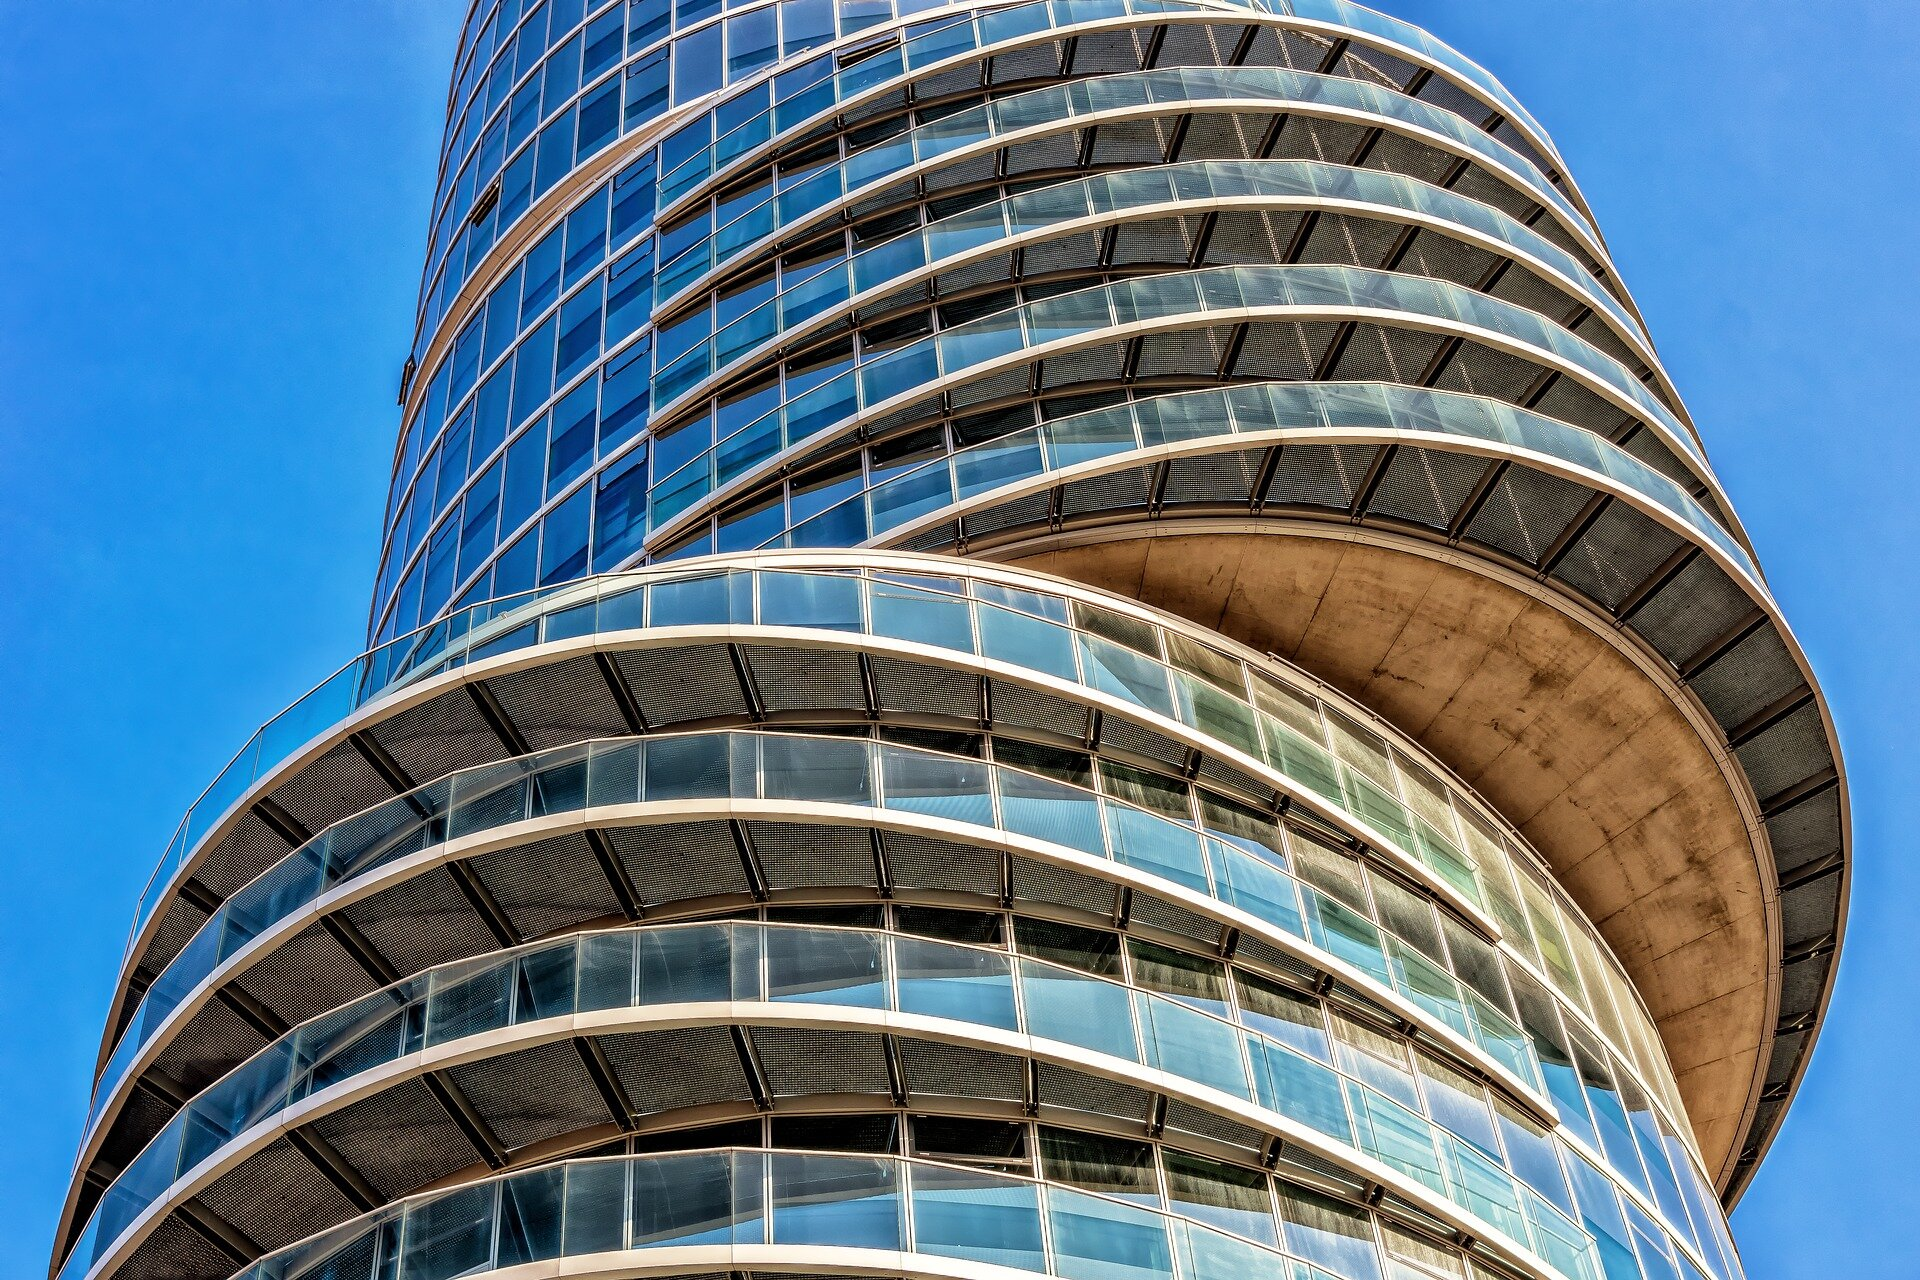 architecture-2175925_1920.jpg